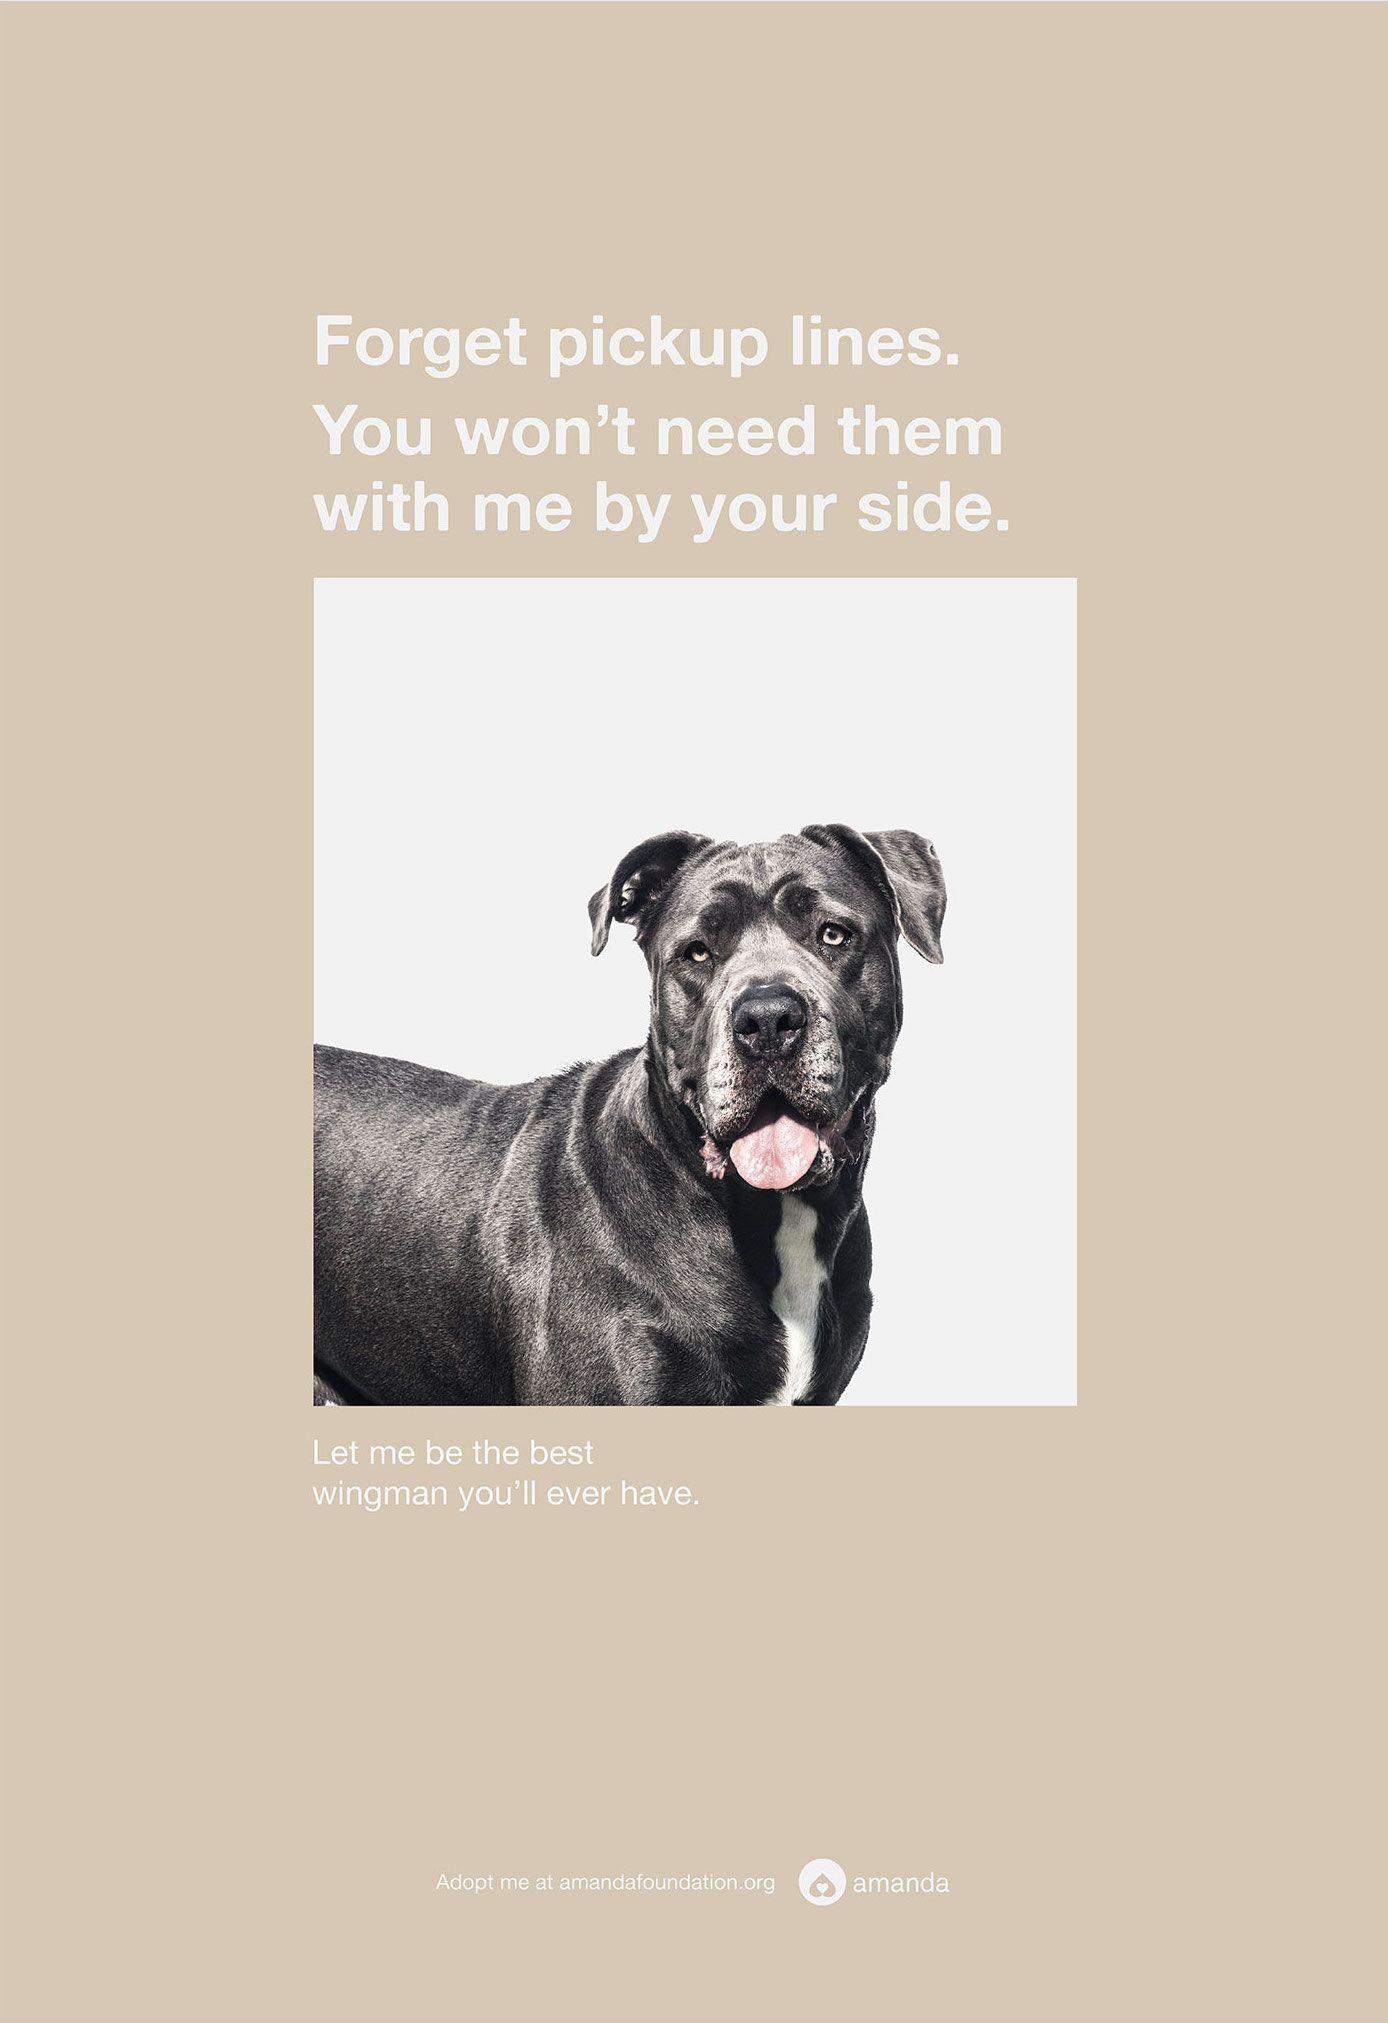 Amanda Foundation Mutt German Shepherd Mastiff Chihuahua Print 402185 Adeevee Jpg 1388 2023